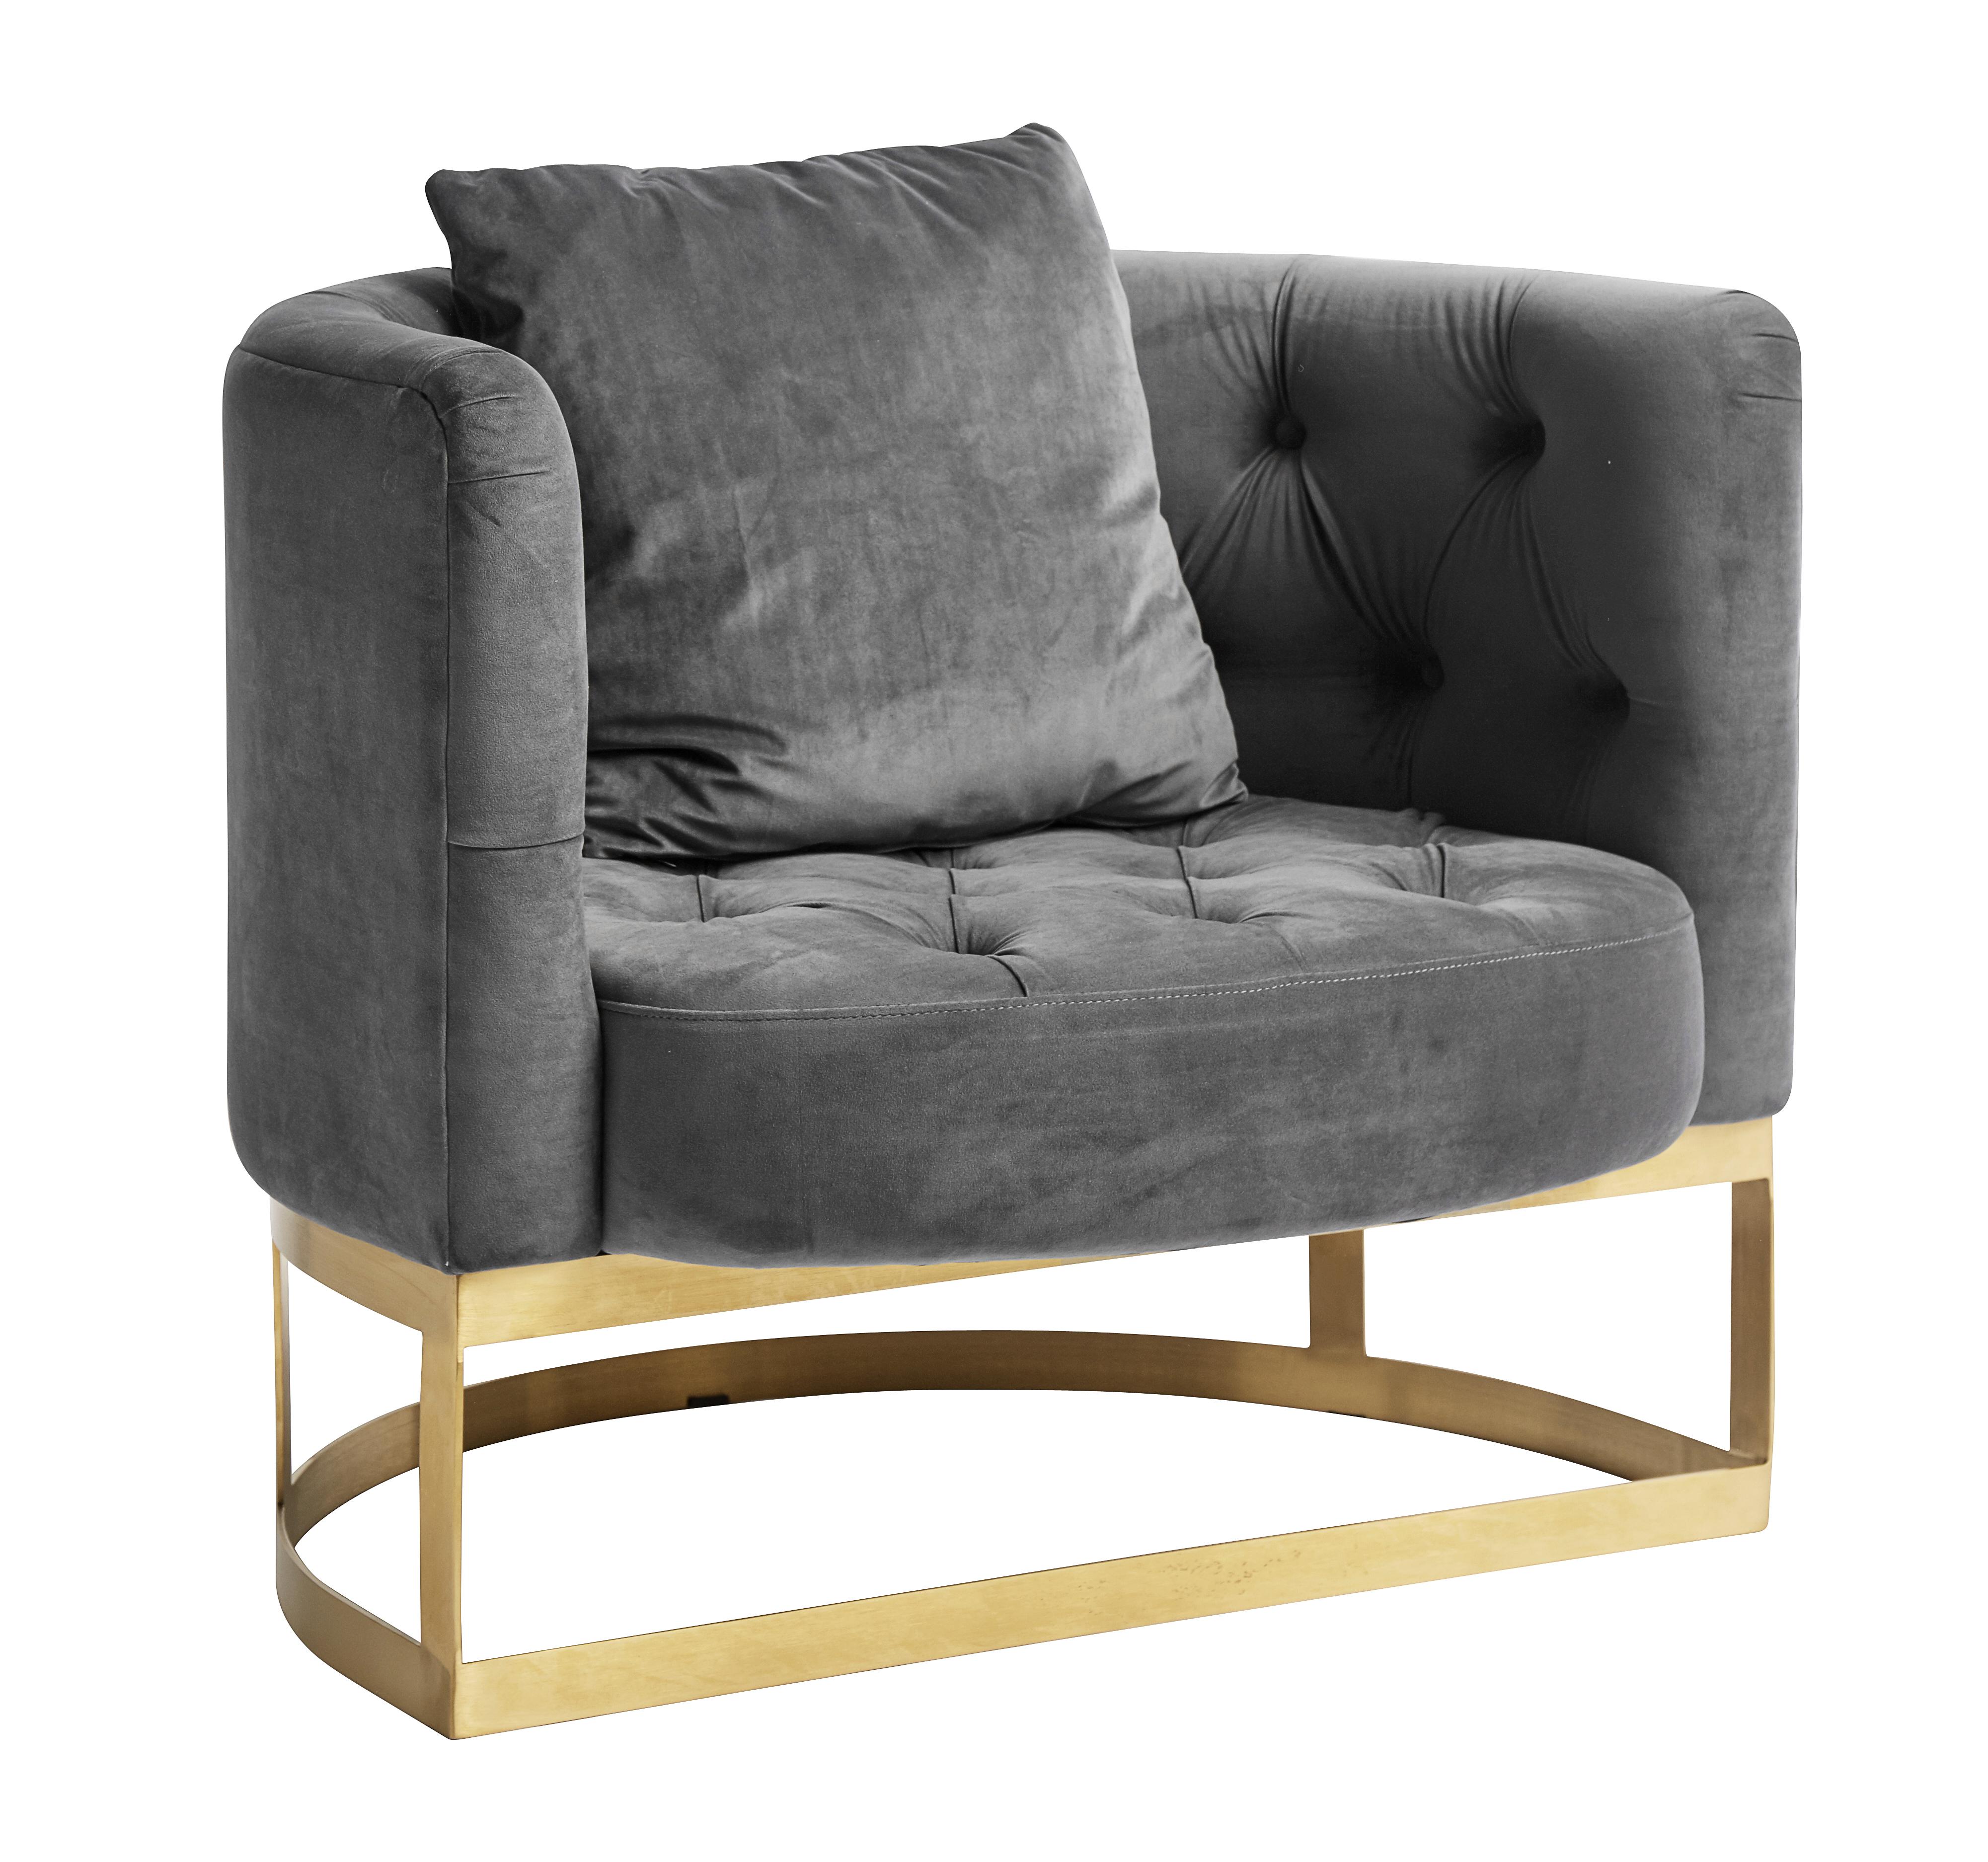 Kjøp Lounge lenestol Grå online   Møbler   KitchenTime